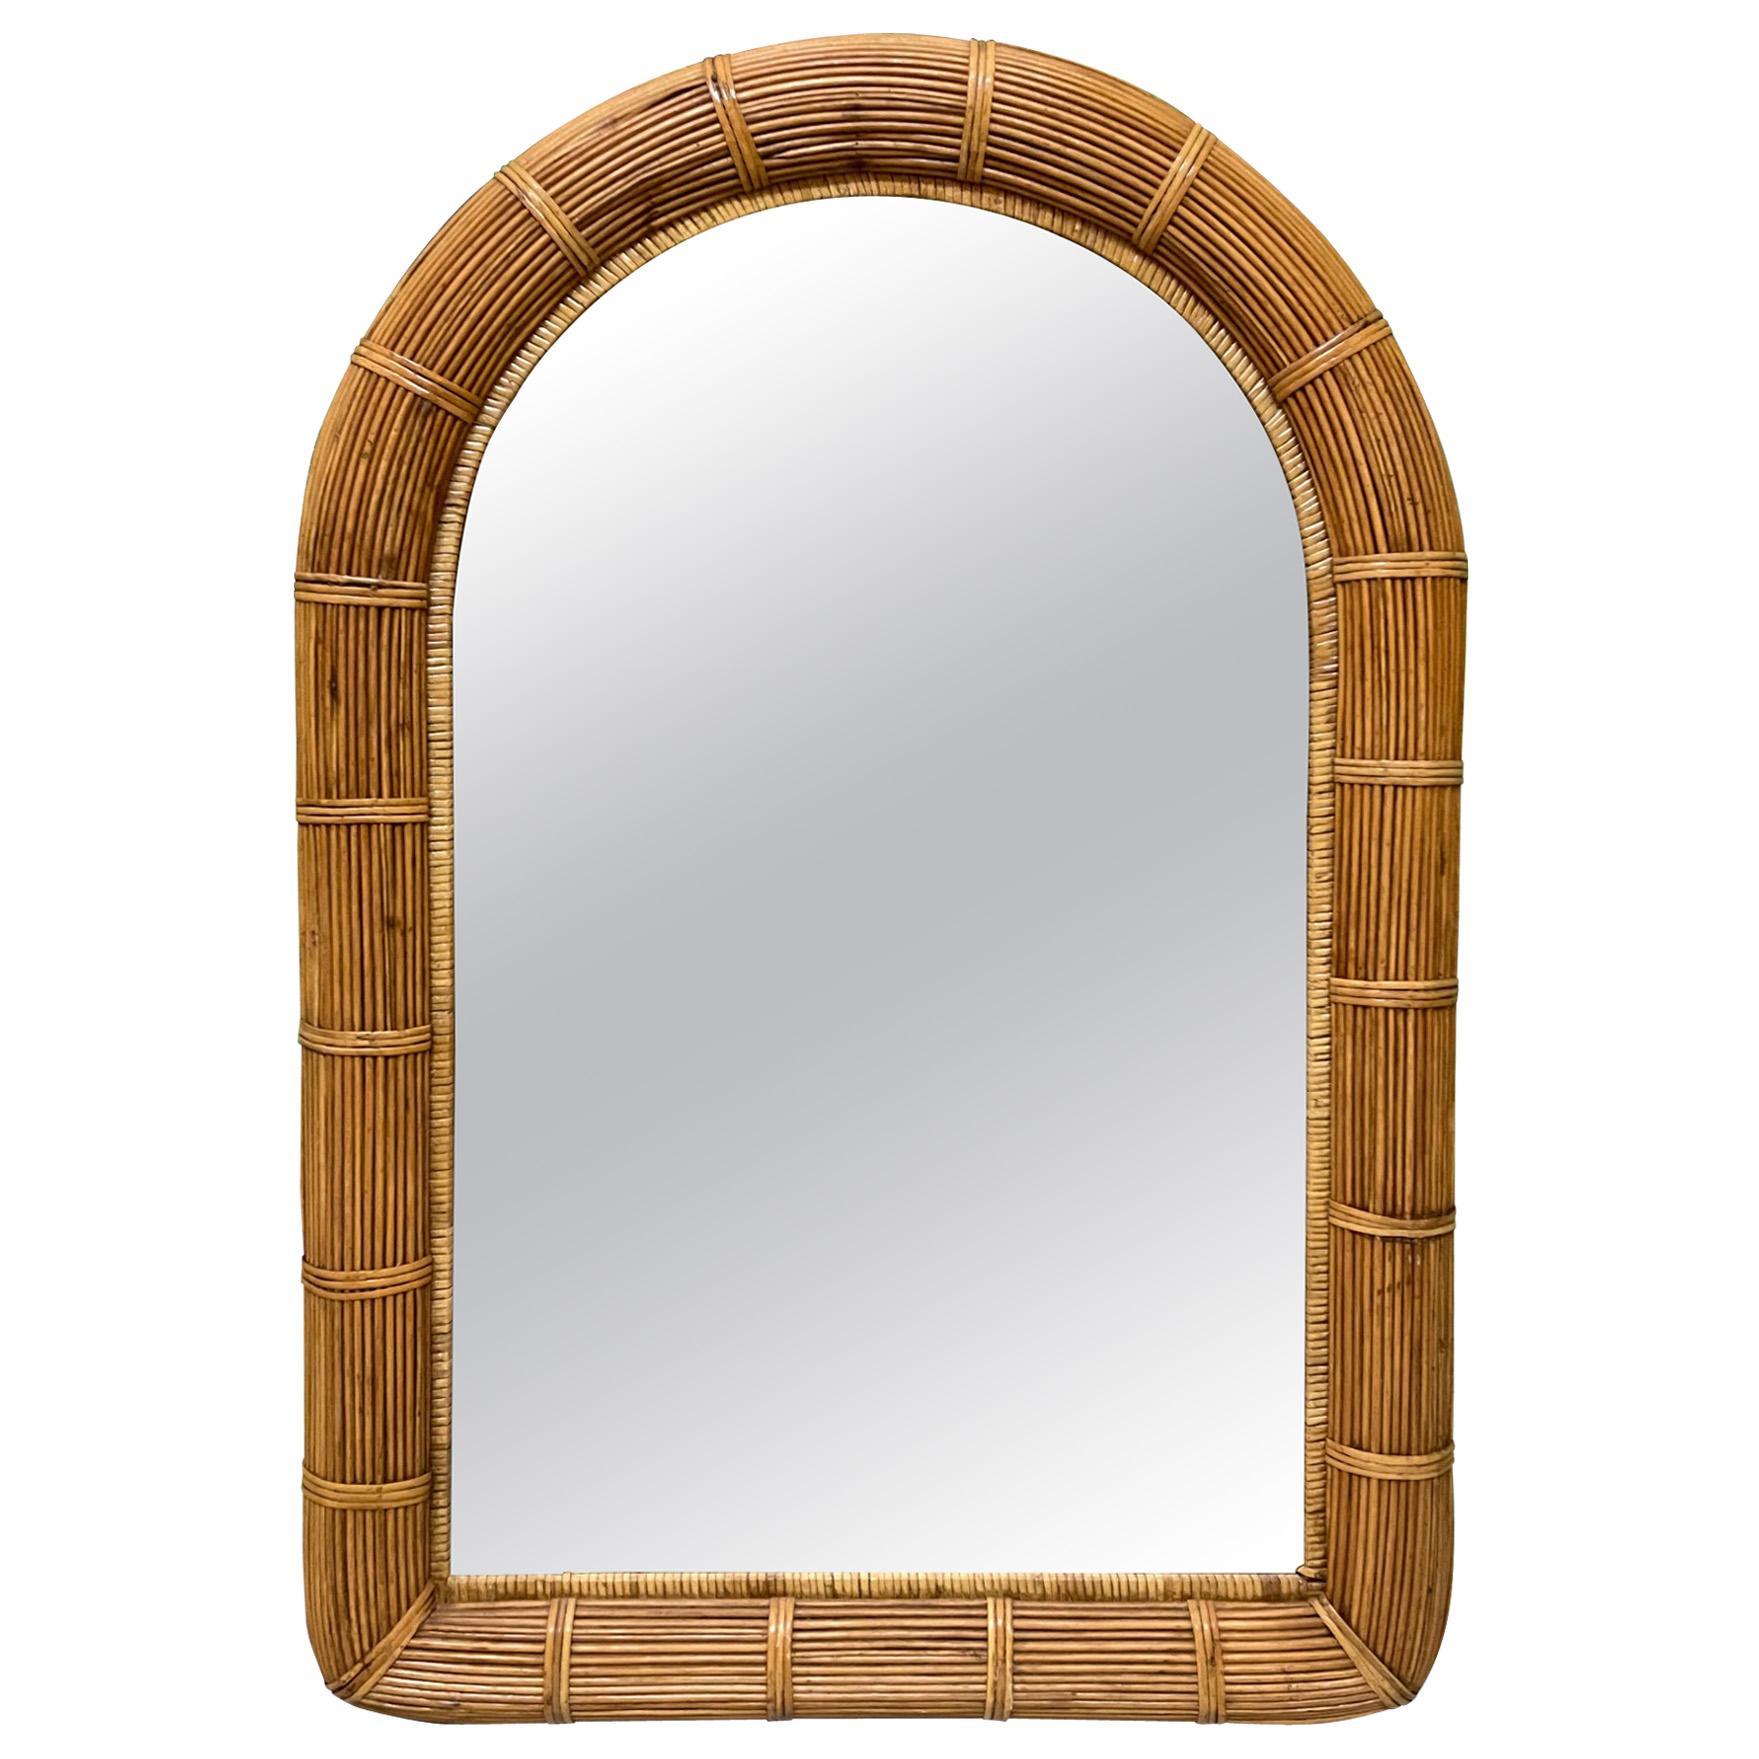 Split Reed Rattan Wall Mirror